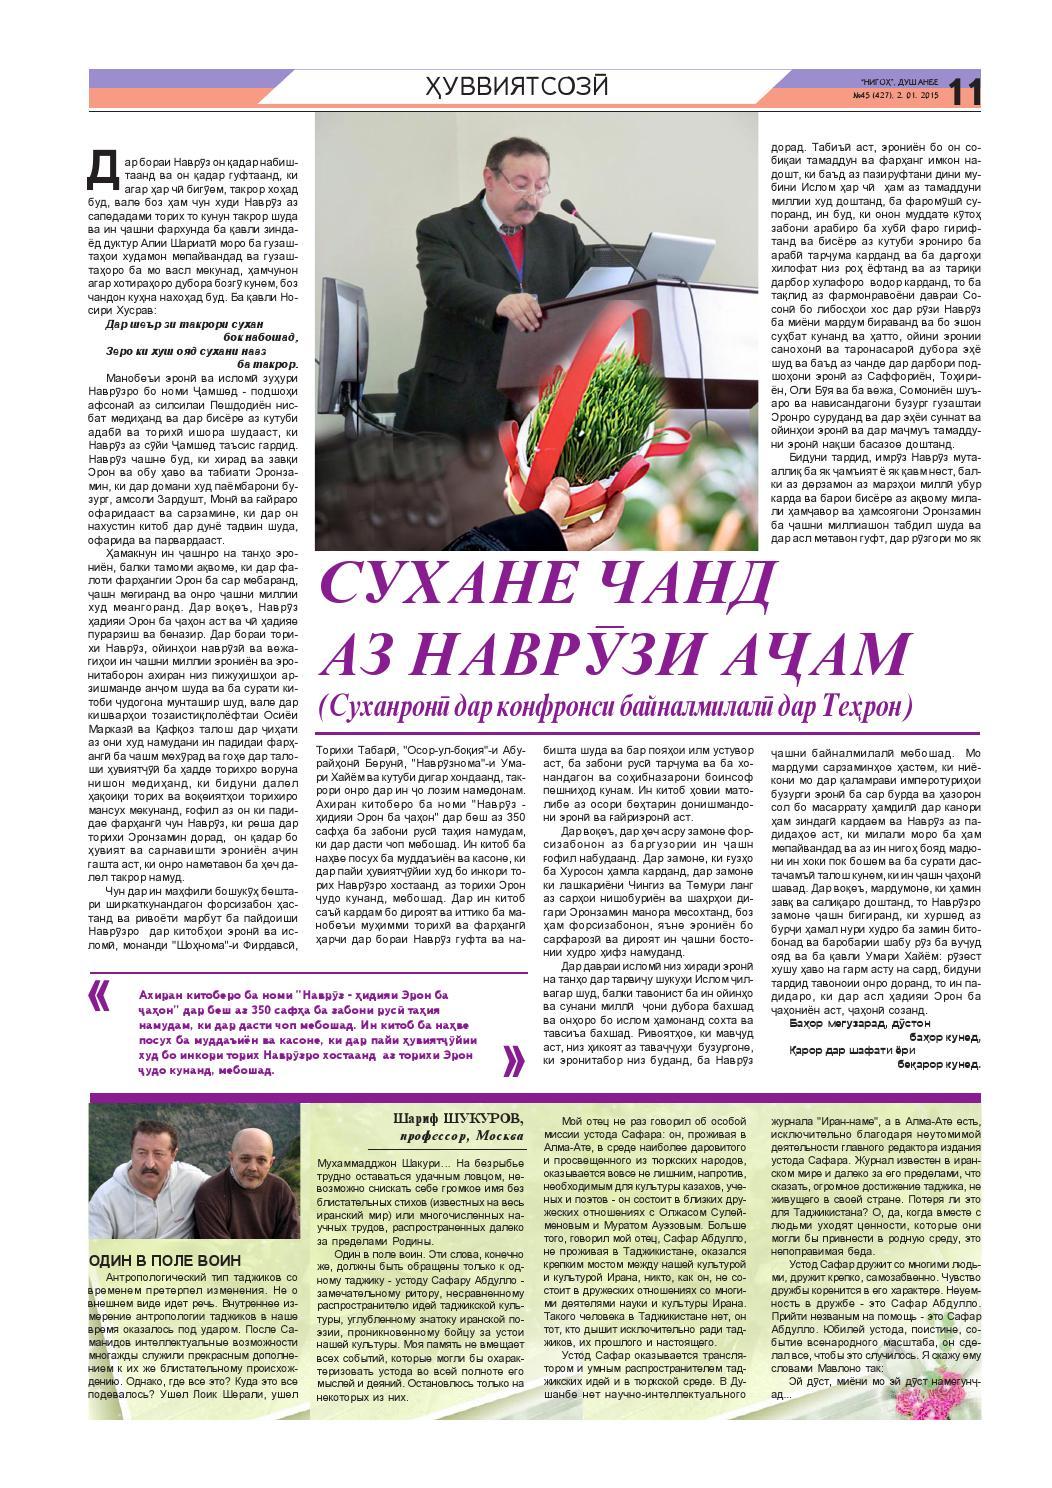 нигох знакомства газета таджикистан